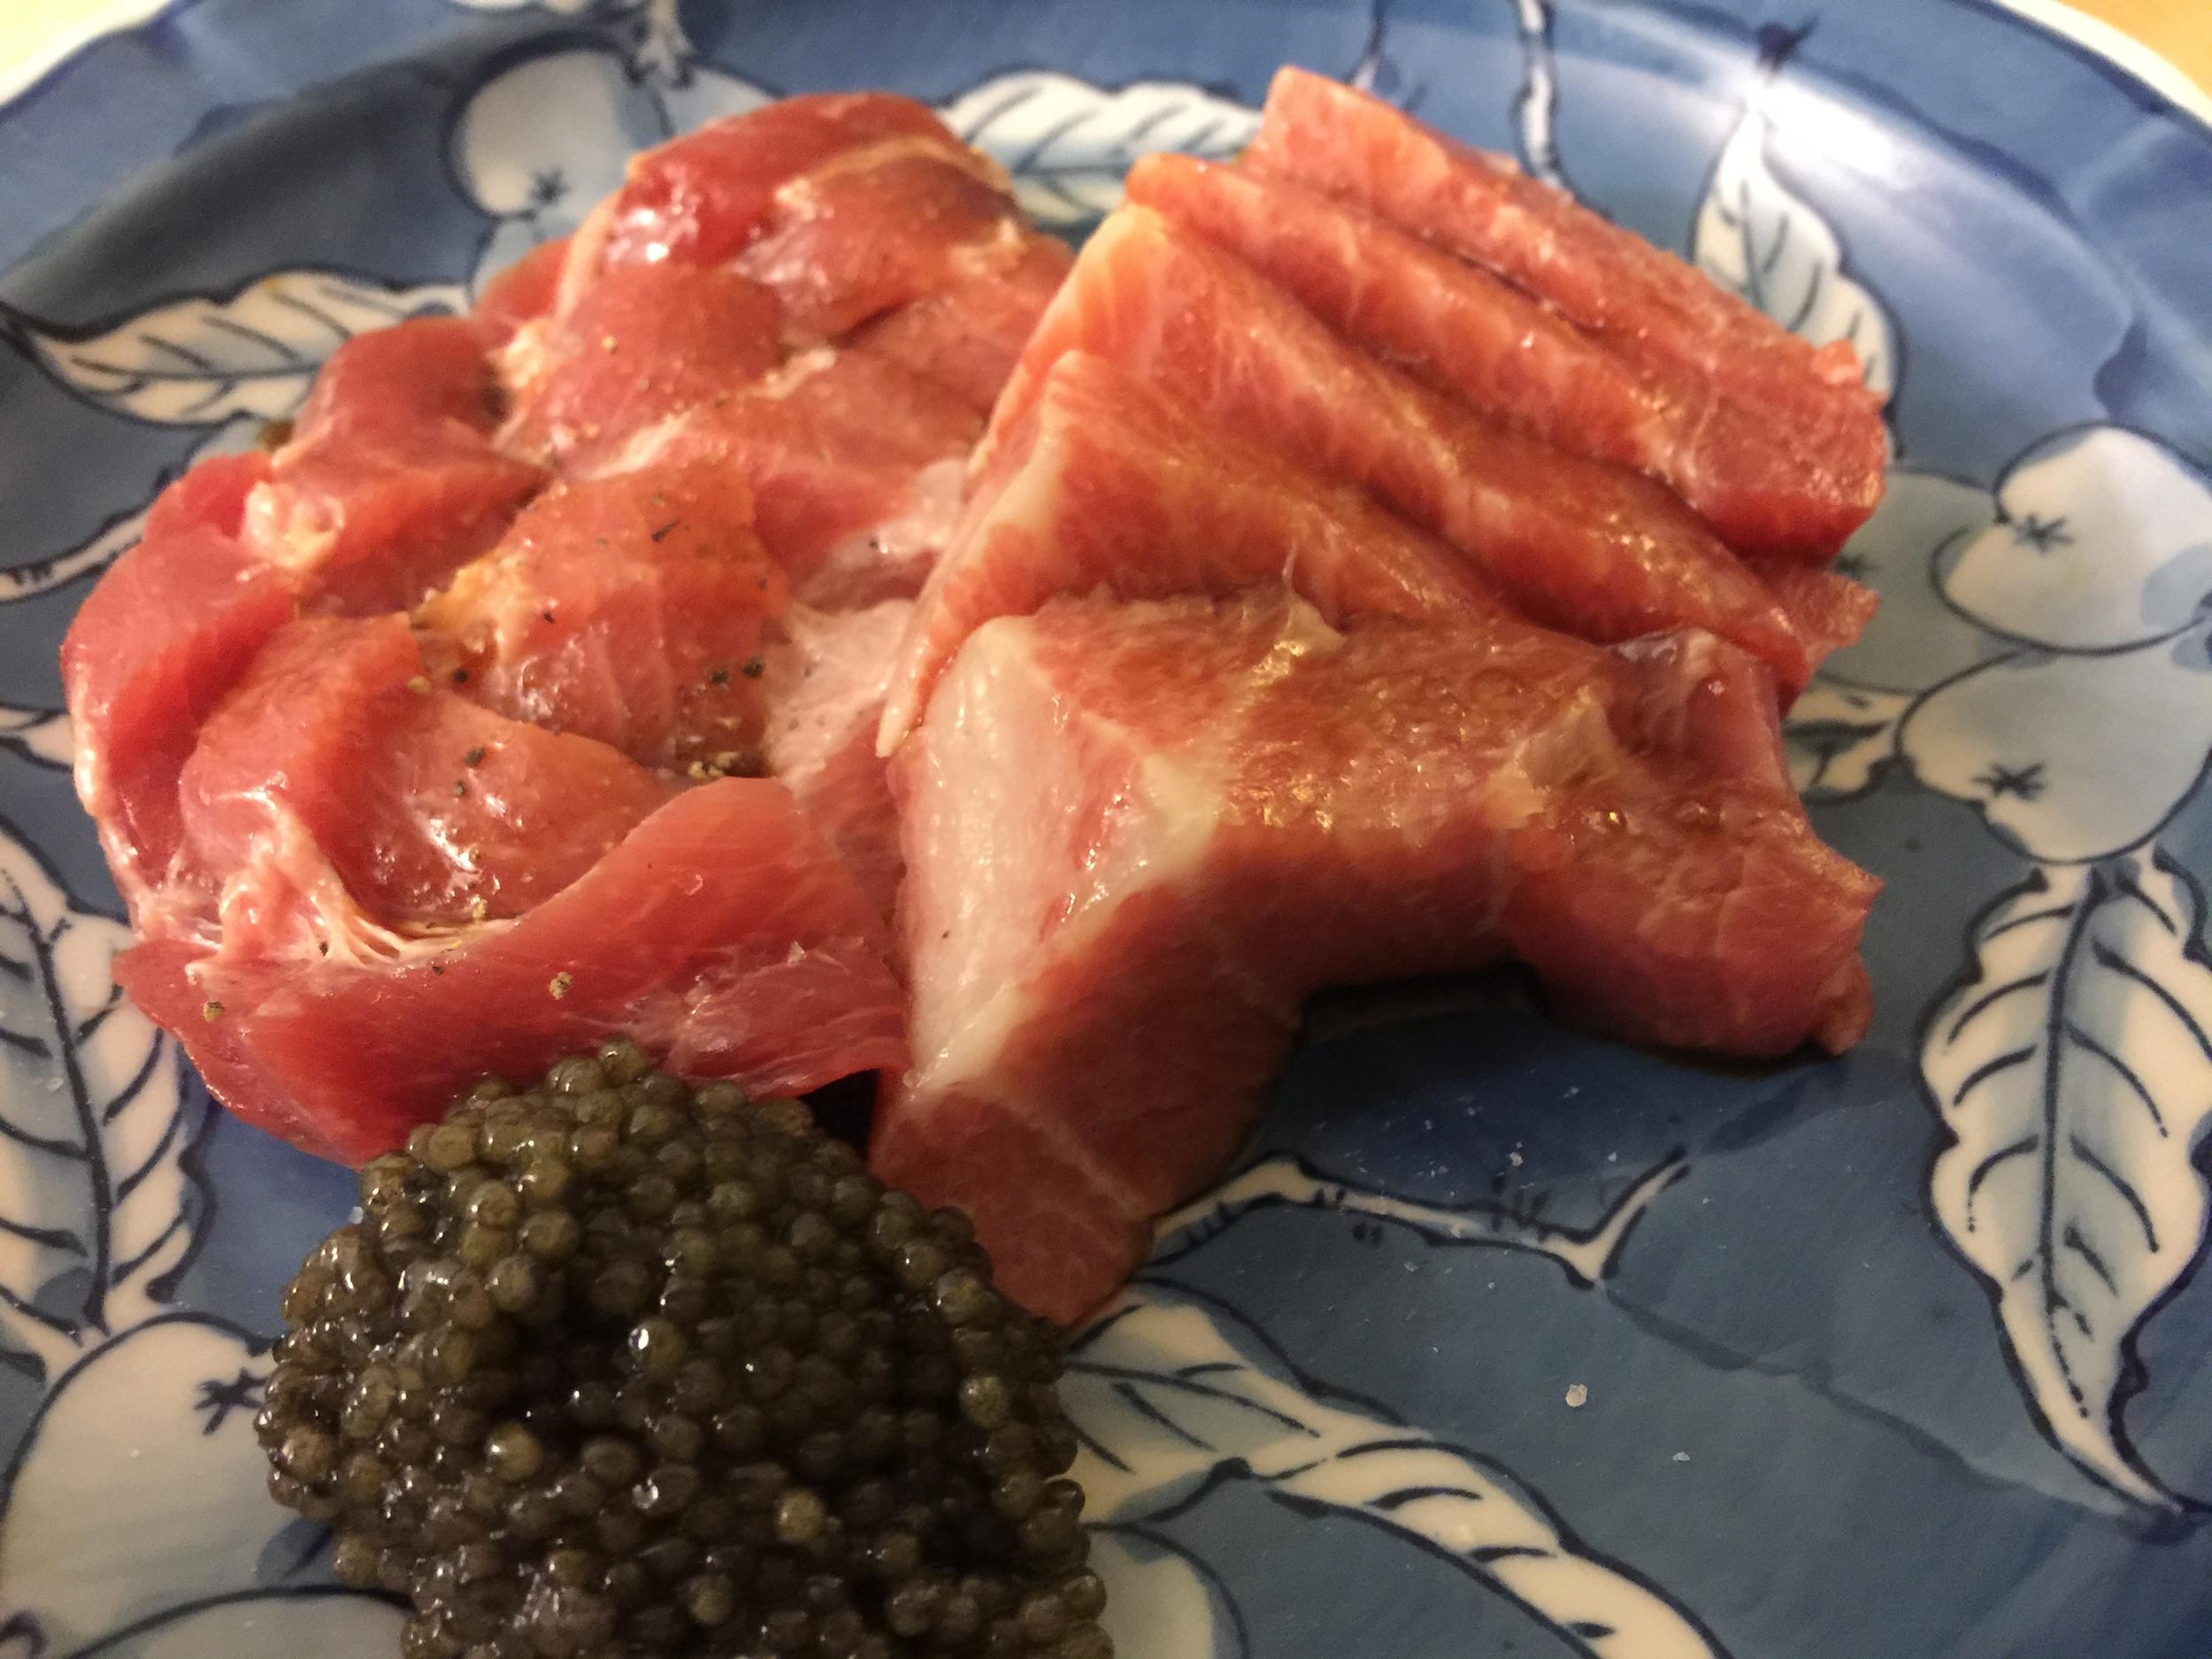 Toro with caviar